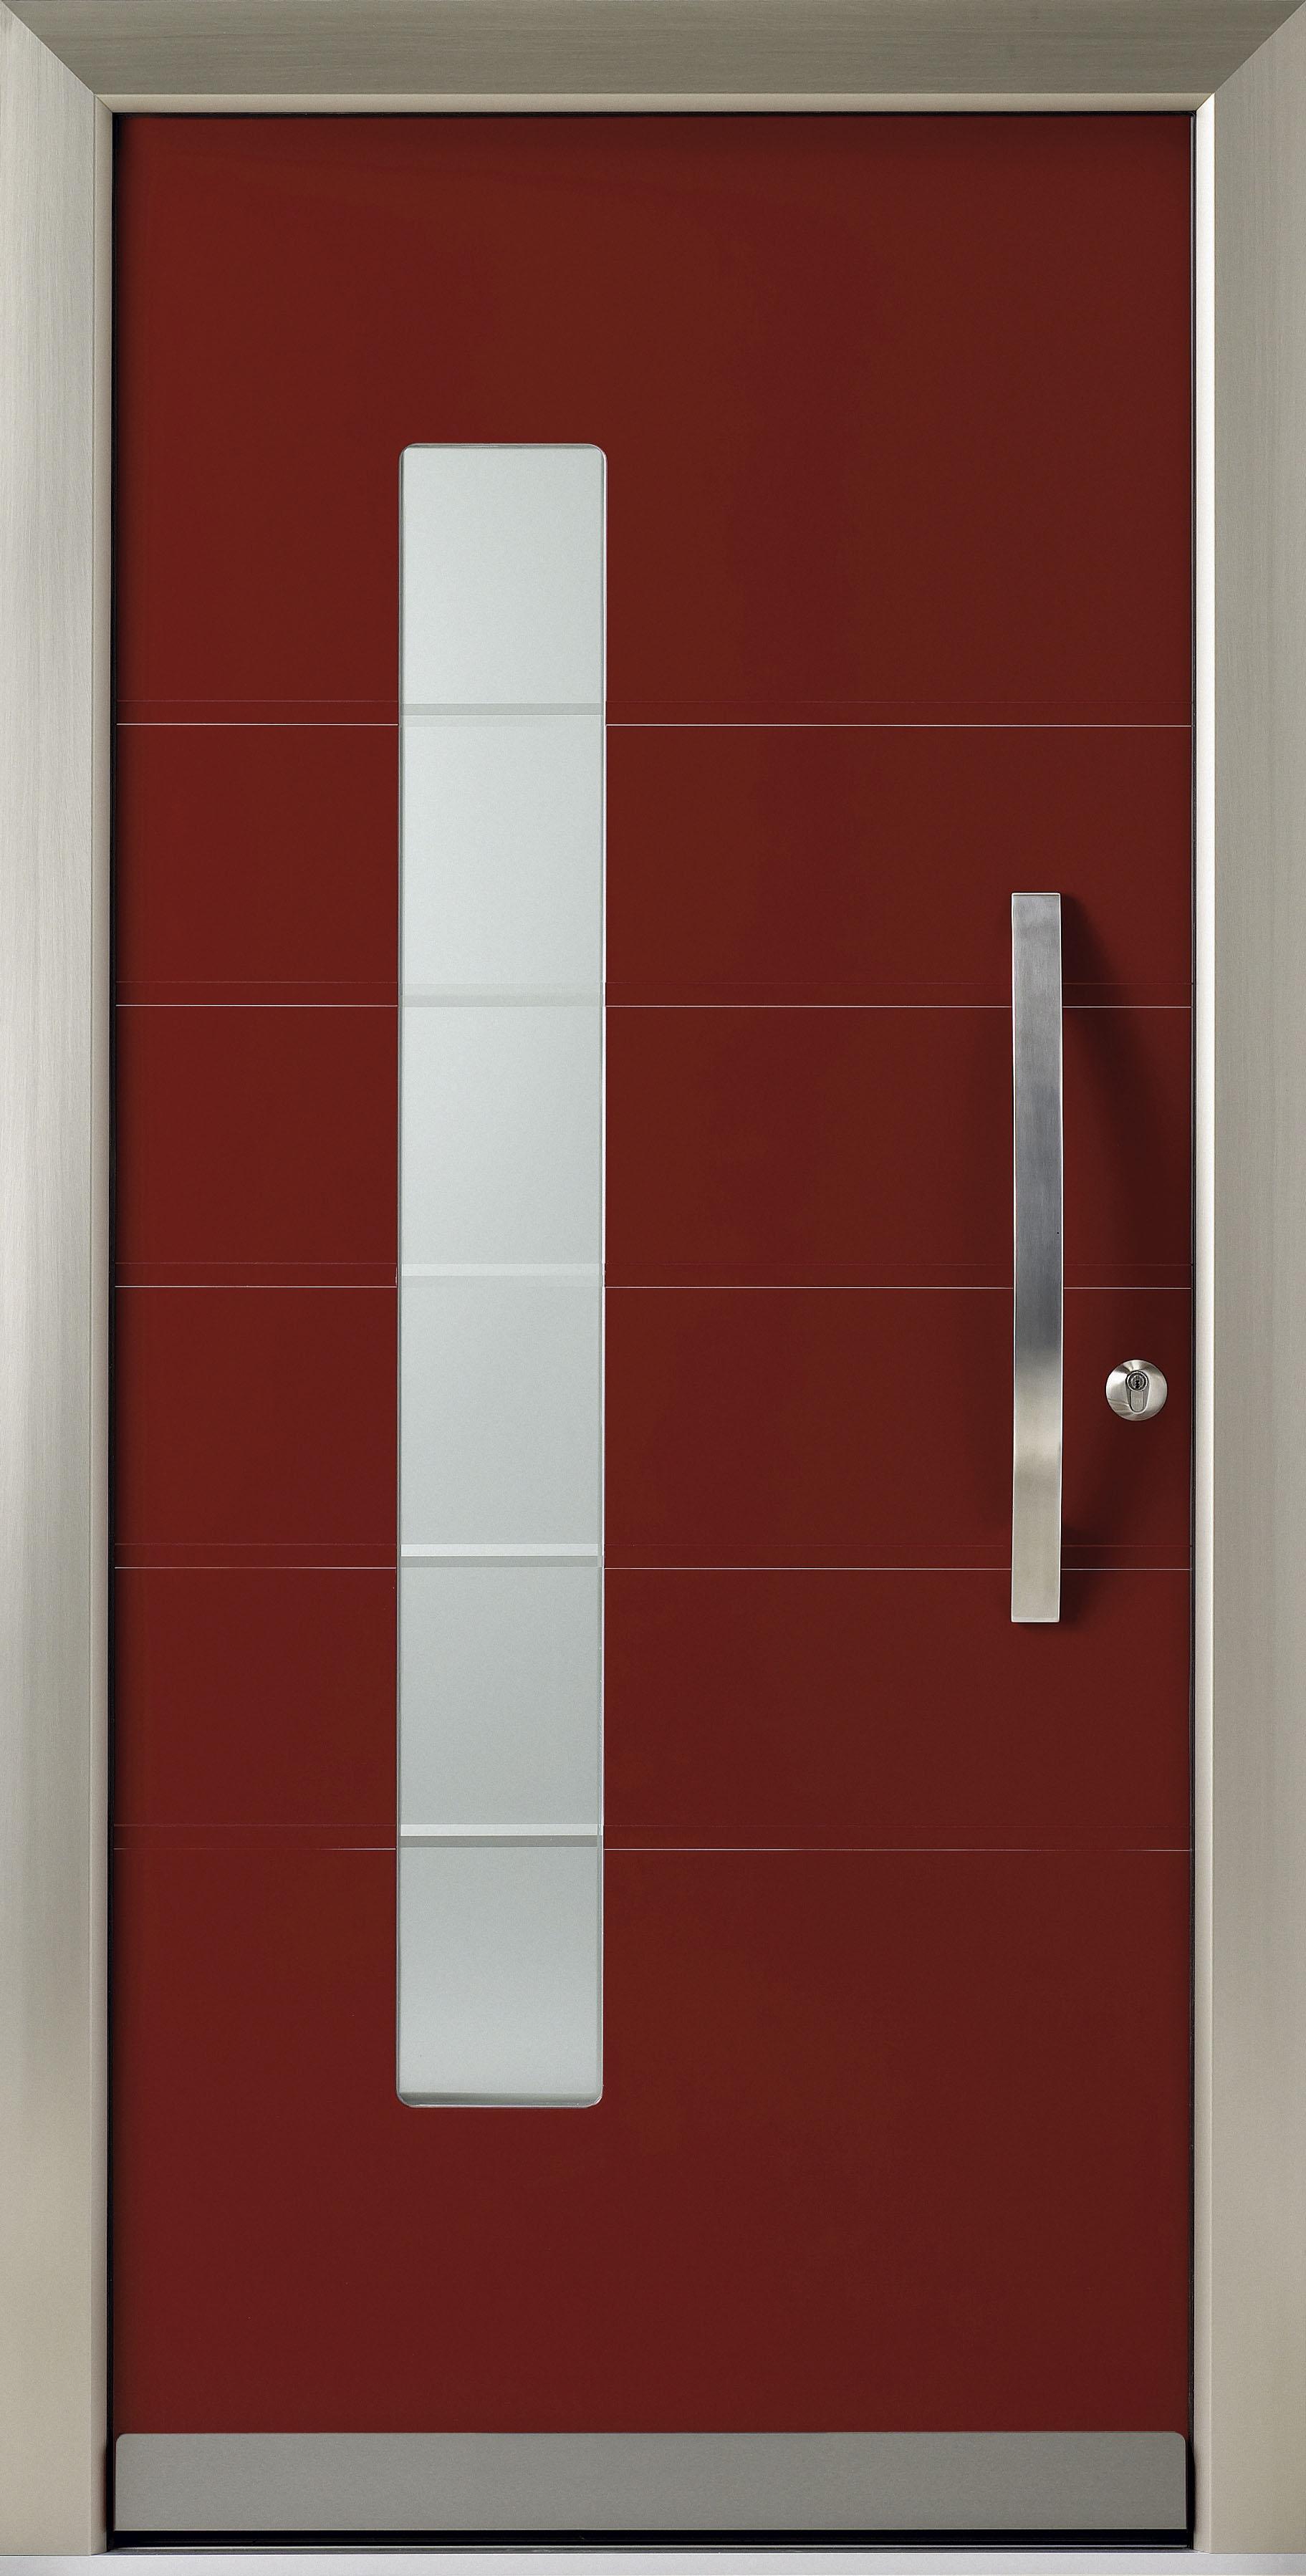 Decoration Porte Interieur Baguette décorez vos portes ! – internorm